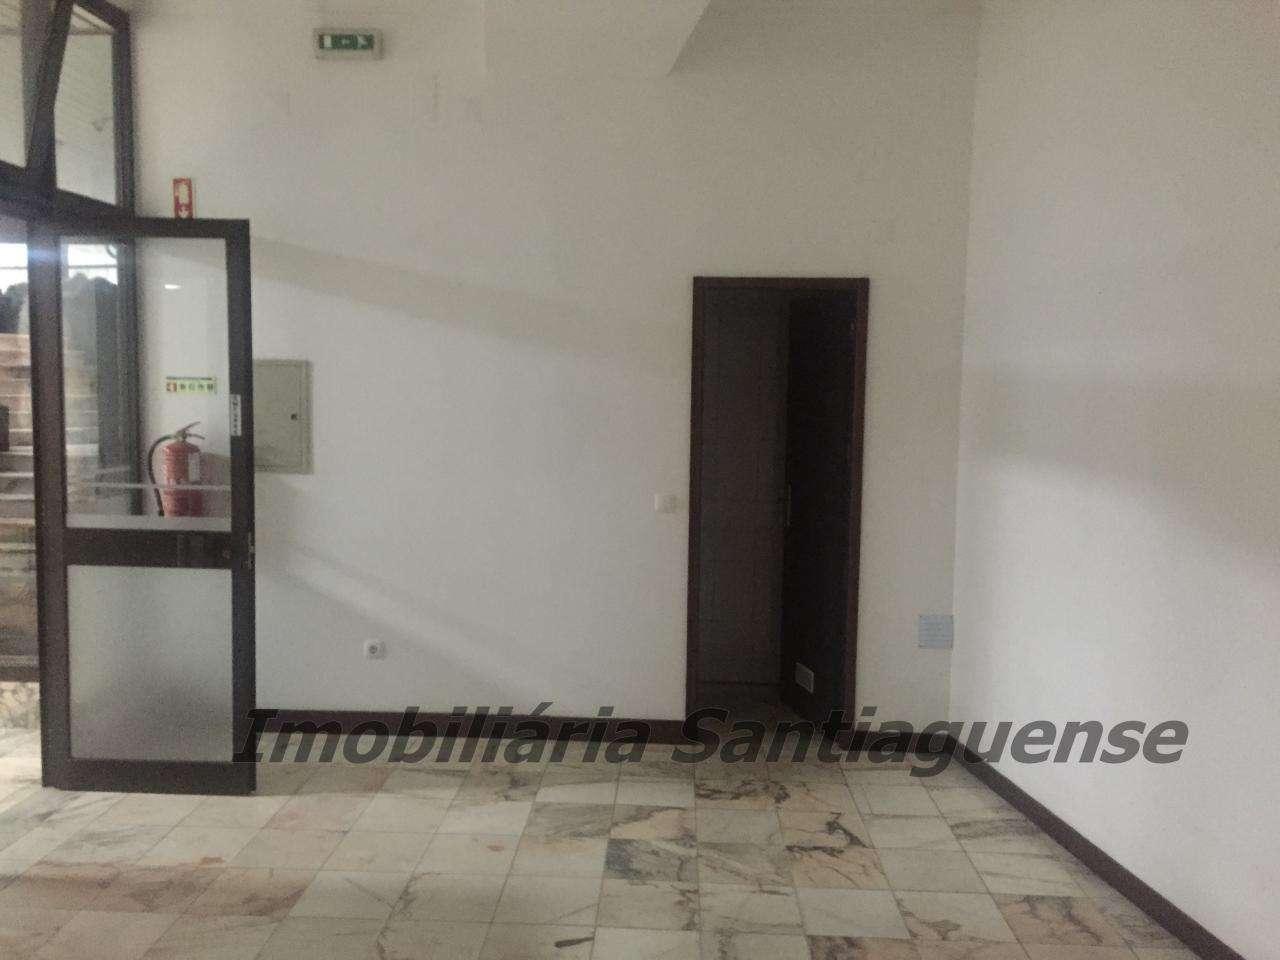 Loja para arrendar, S. João da Madeira, Aveiro - Foto 2